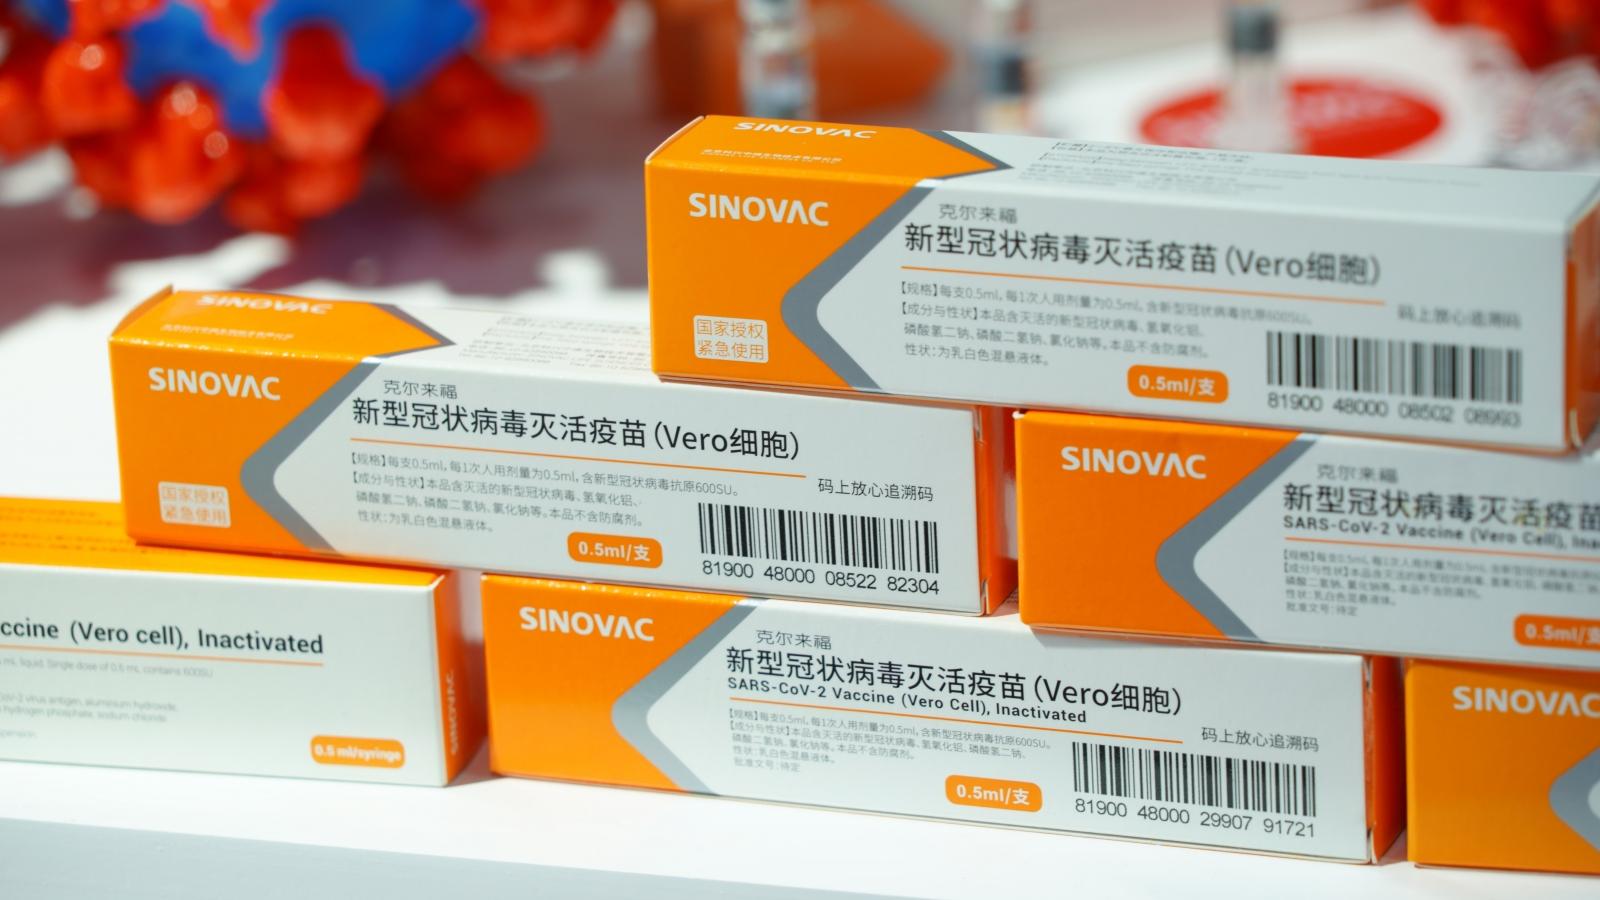 Trung Quốc phủ nhận sự cố ở Brazil liên quan đến vaccine Covid-19 của nước này